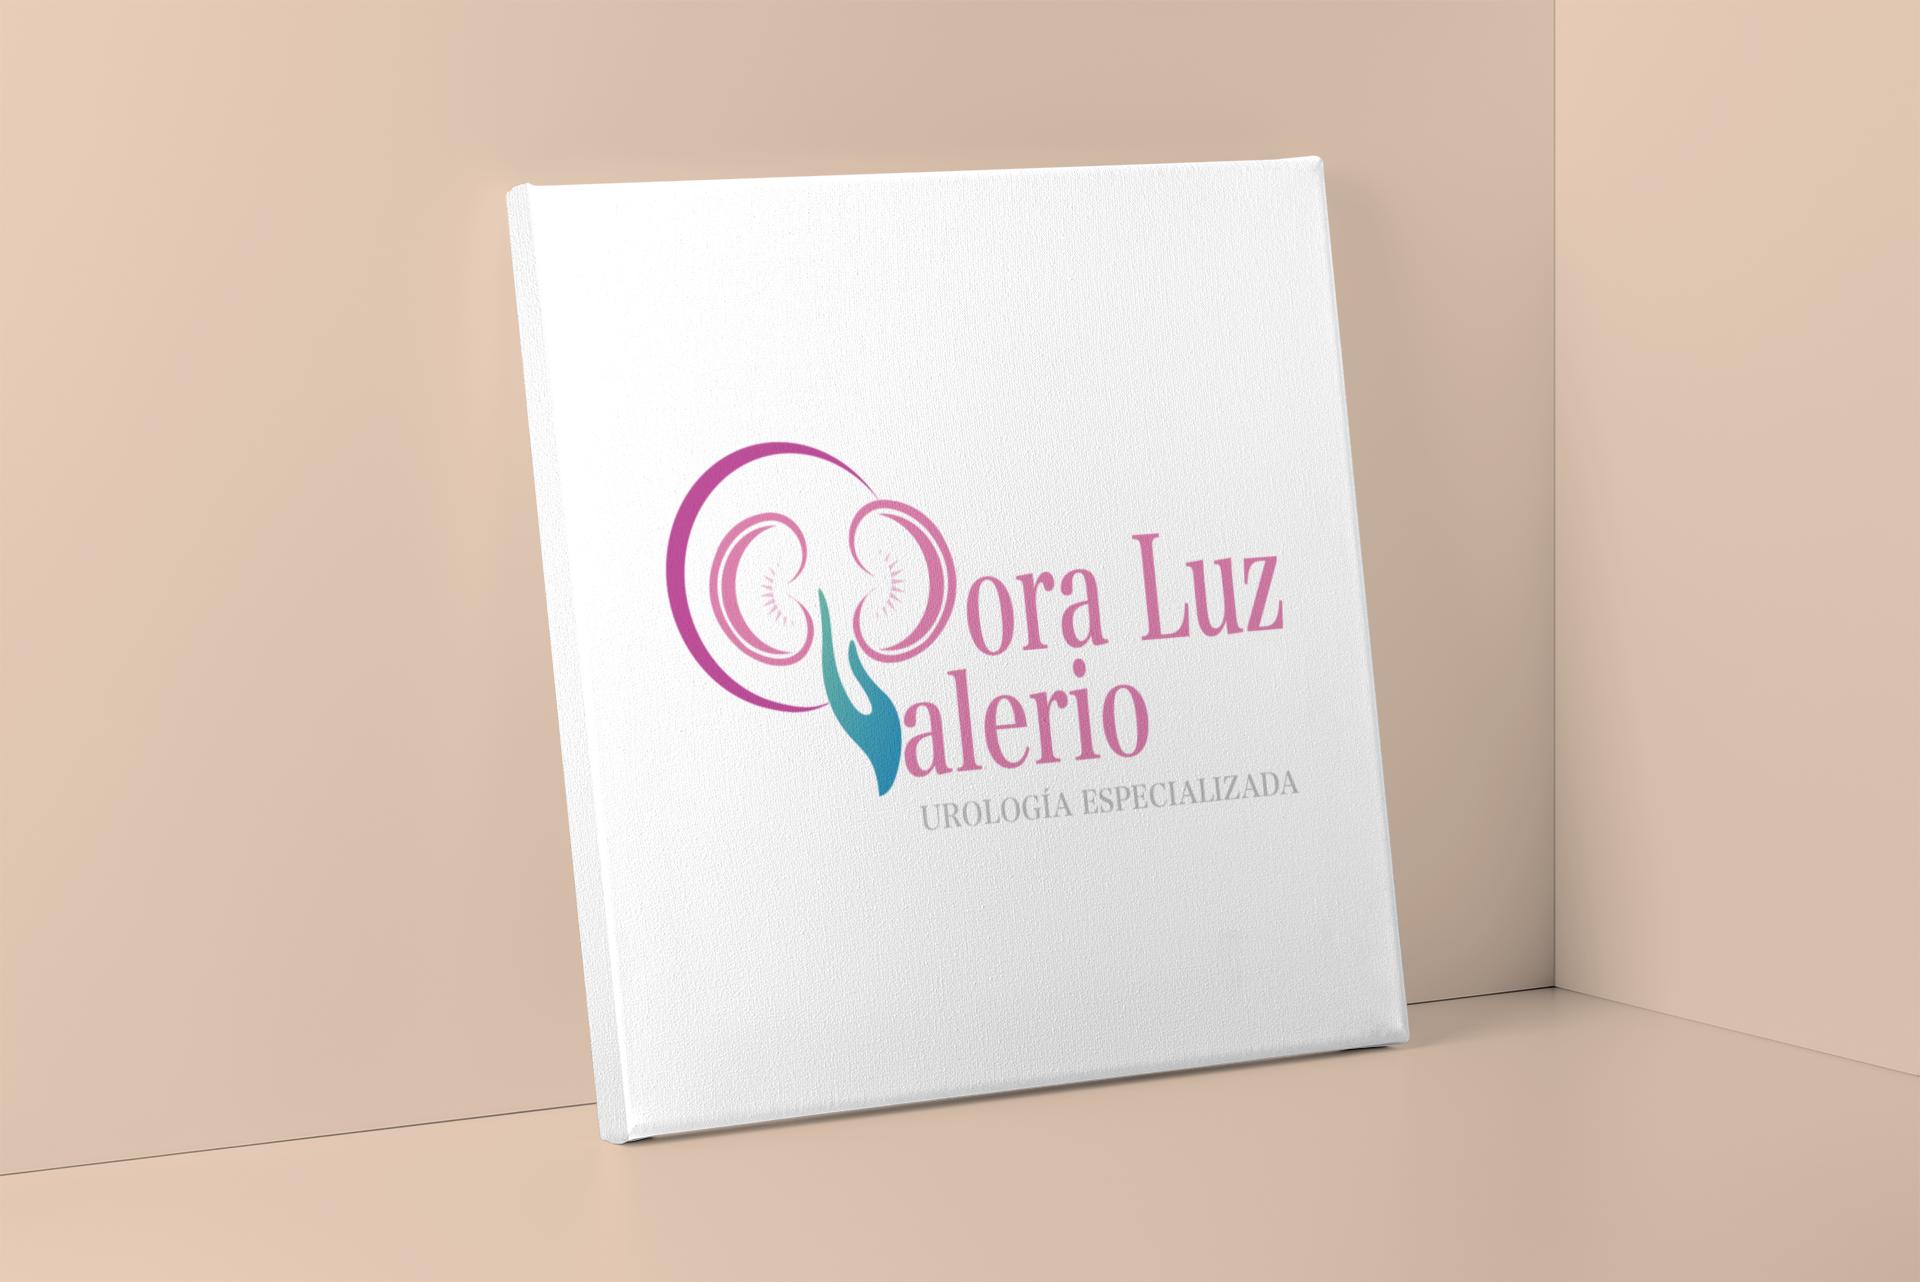 Diseño Logotipo - Dr. Dora Luz Valerio.